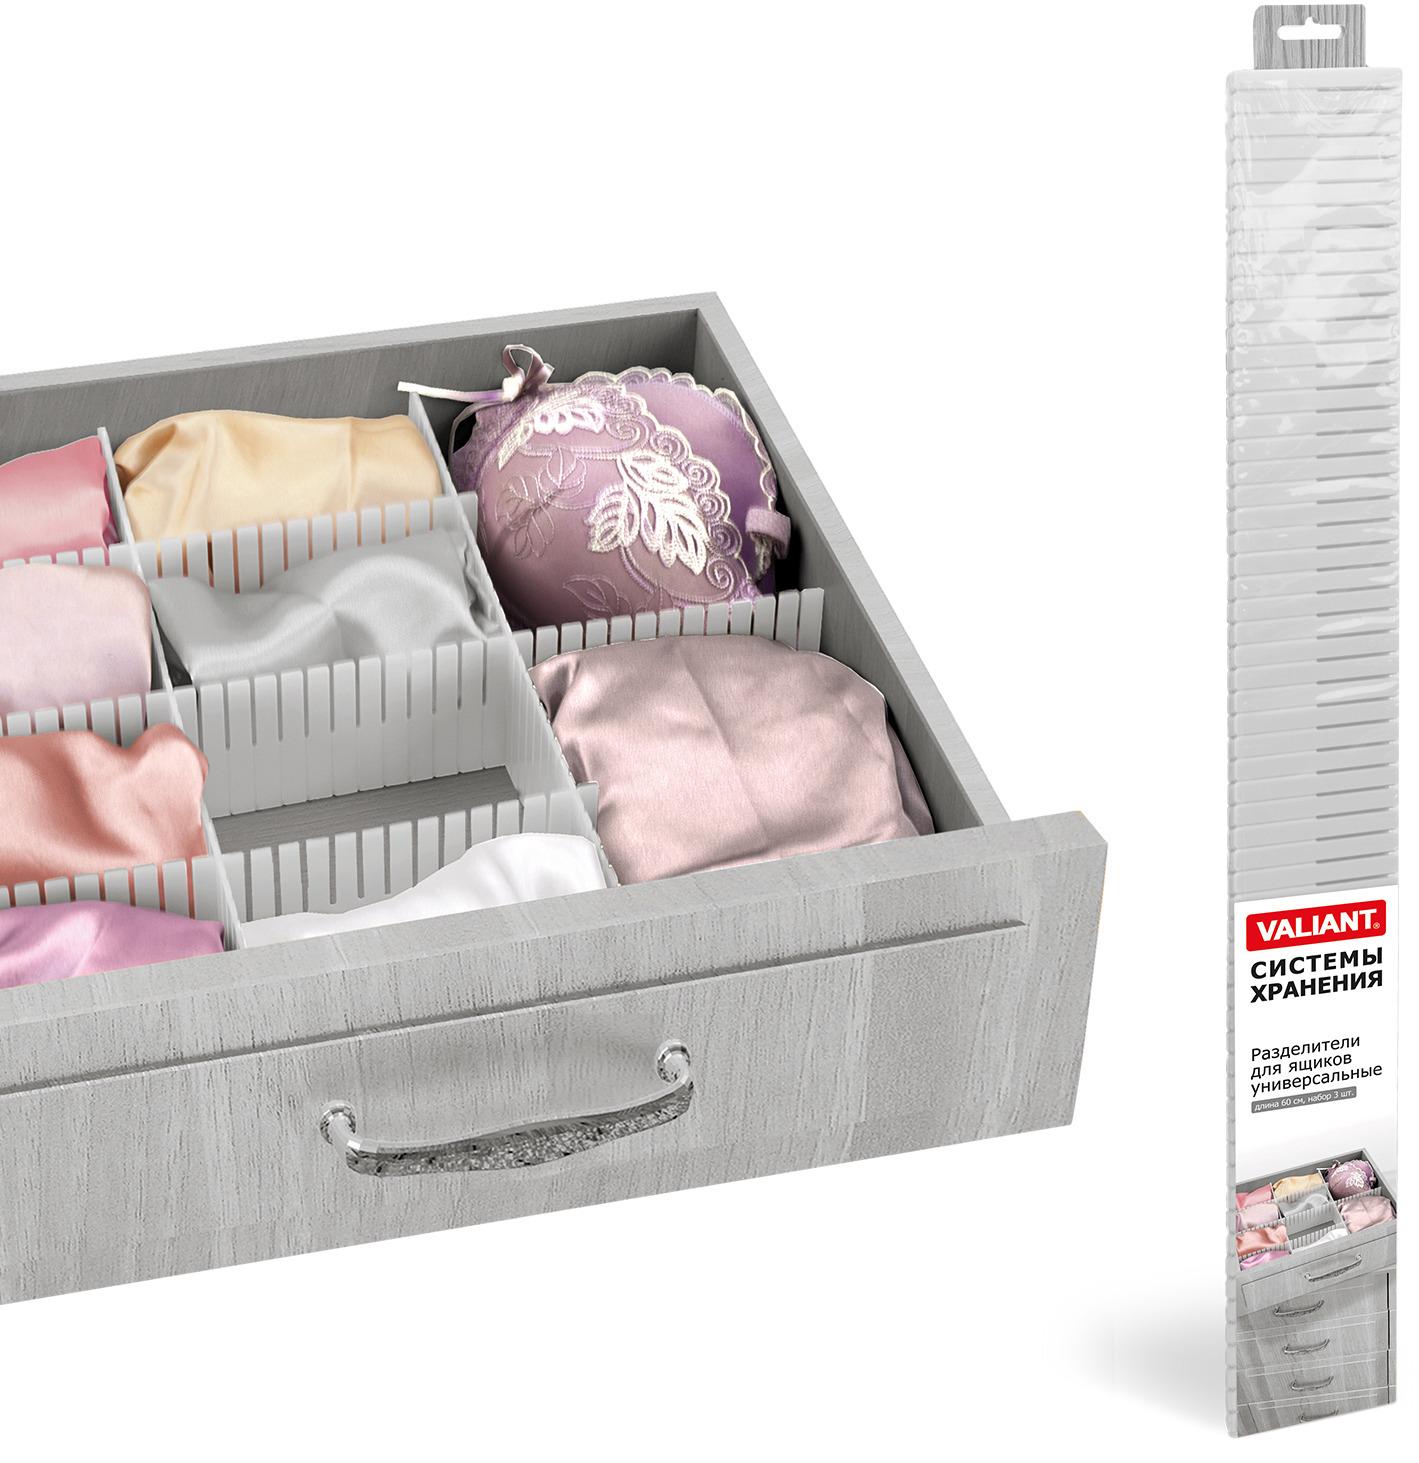 Разделители для ящика Valiant Drawer Organizer, цвет: серый, 60 x 8 см, 3 шт разделители для пальцев dewal синие розовые 8 шт упак